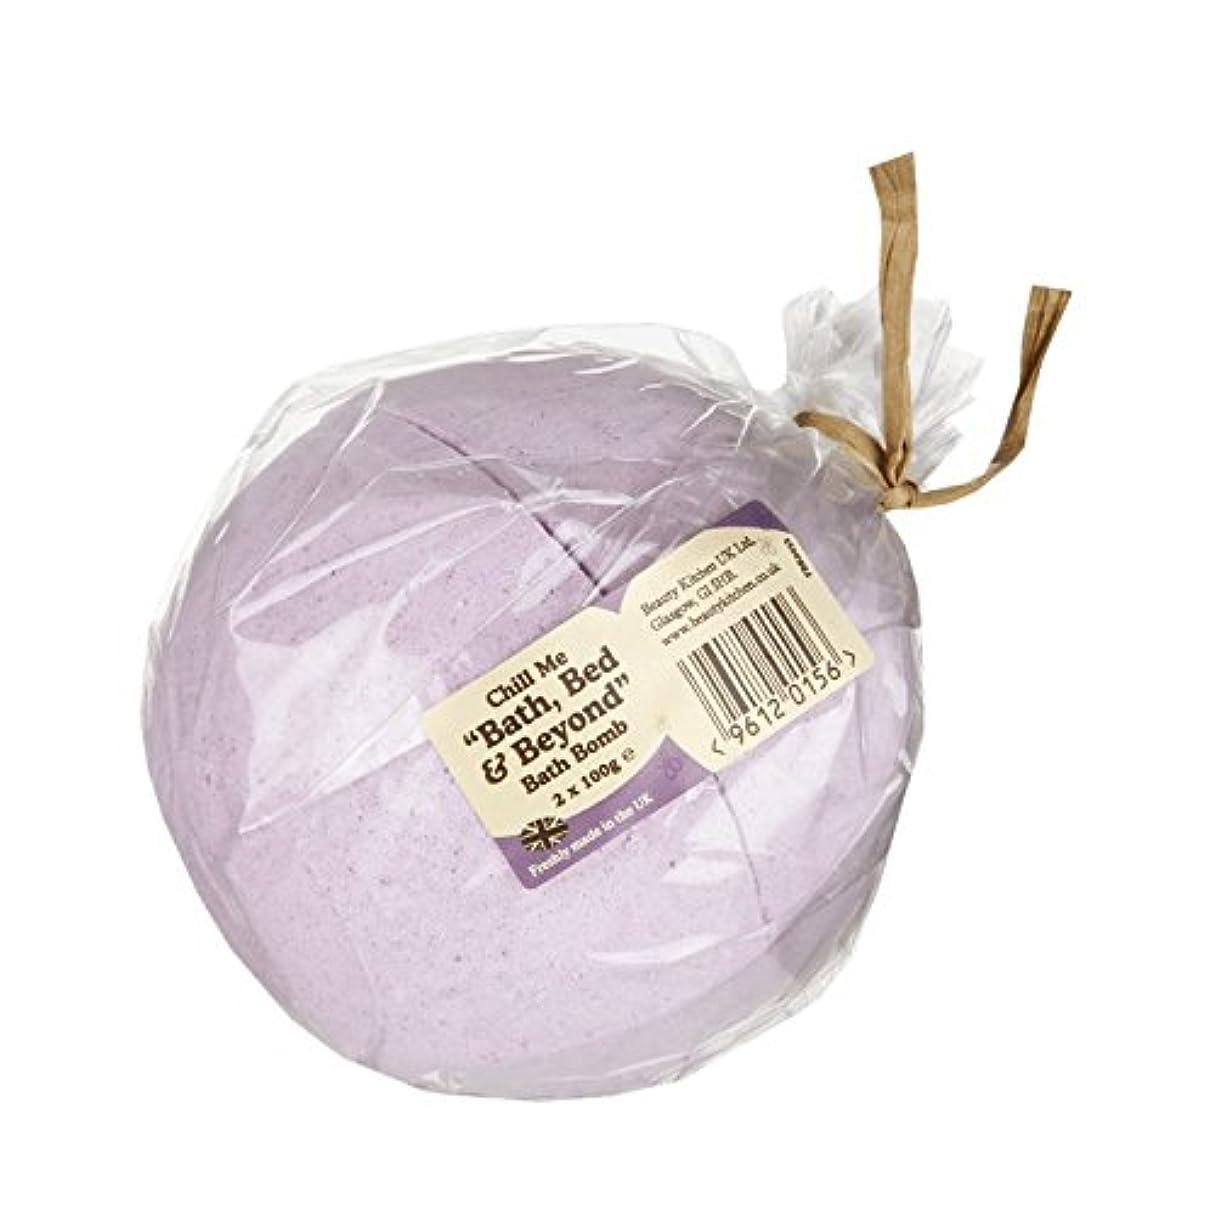 ドック受粉する適合するBeauty Kitchen Chill Me Bath, Bed & Beyond Bath Bomb 2 x 100g (Pack of 6) - 美しさのキッチンには、バスタブ、ベッド&バス爆弾2×100グラムを超...